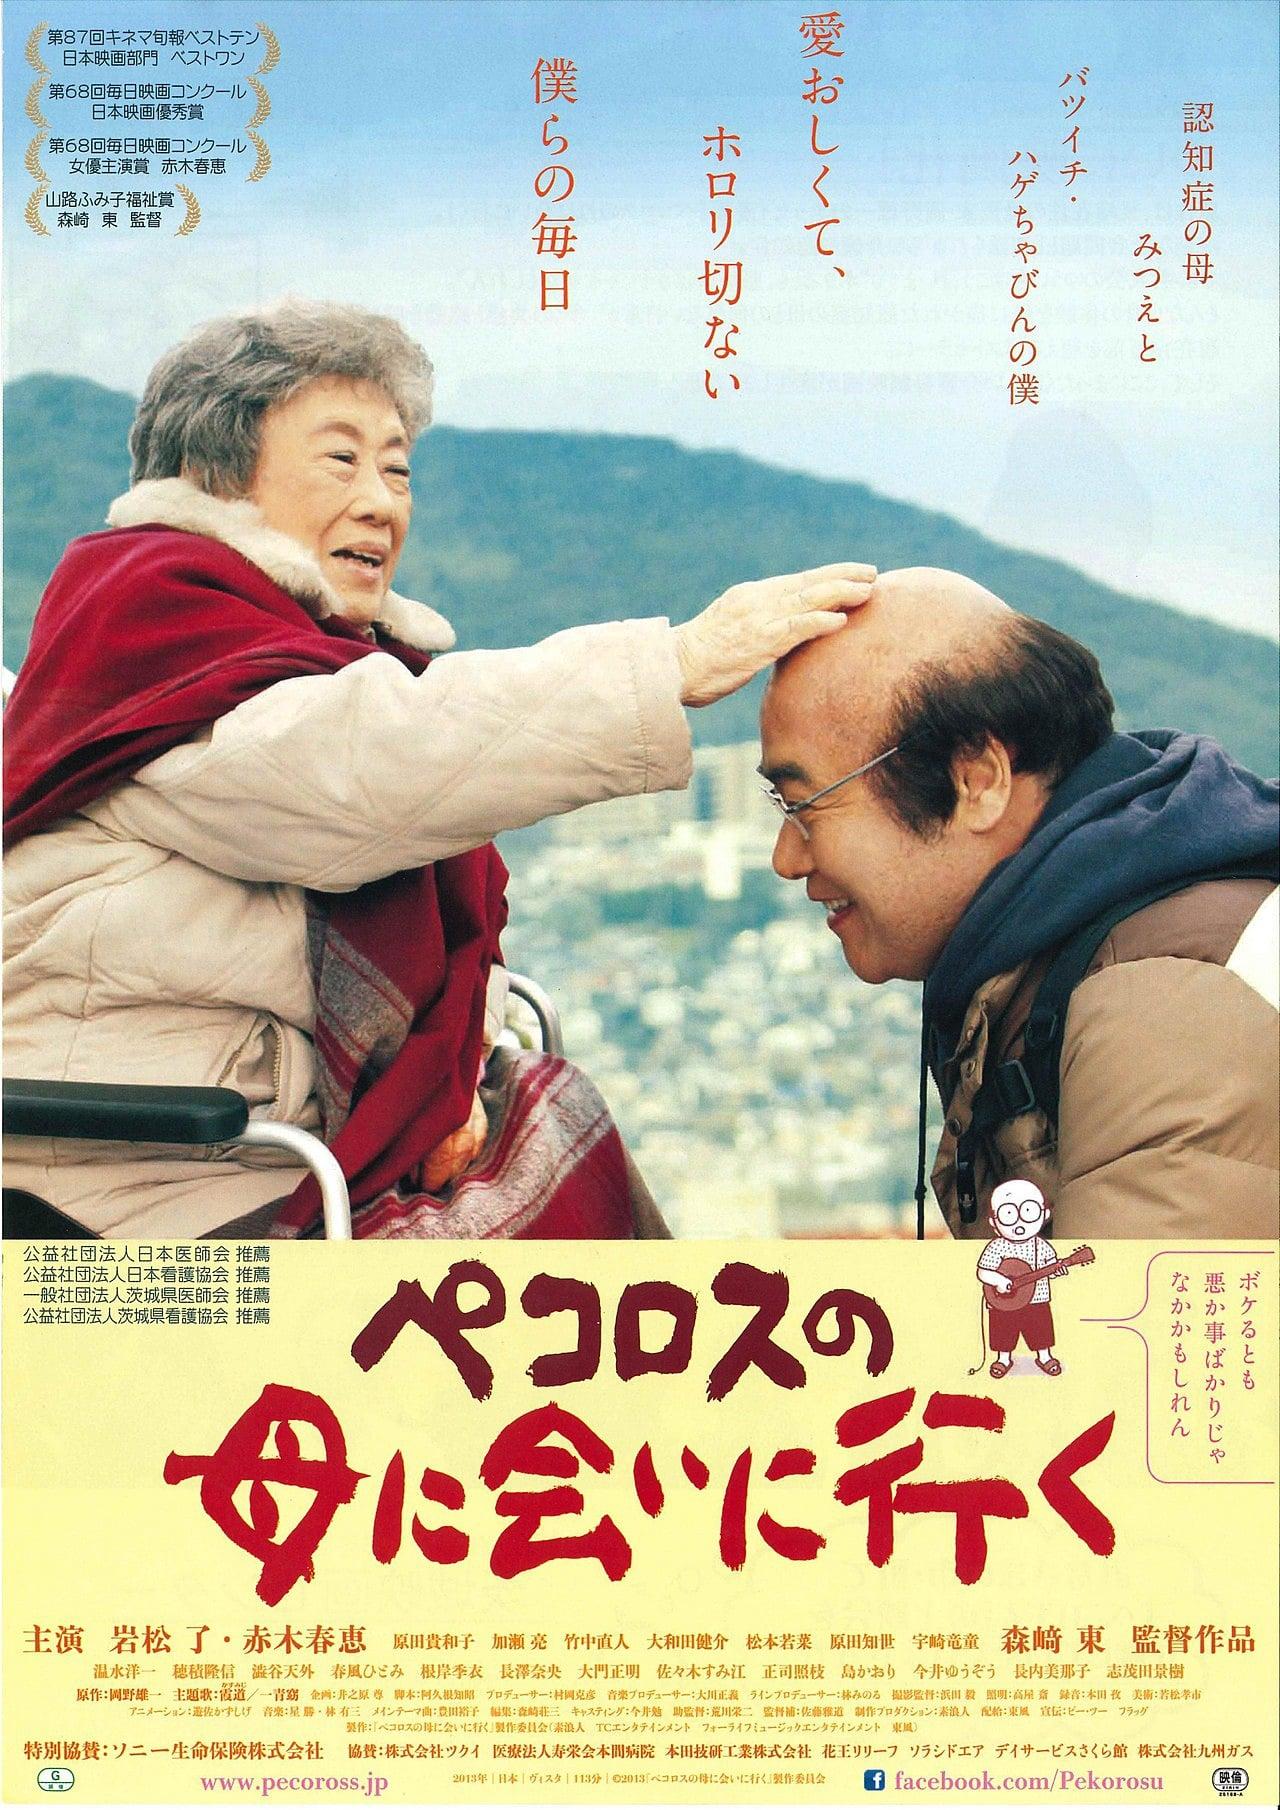 村長 さん の 悪 だ くみ the movie